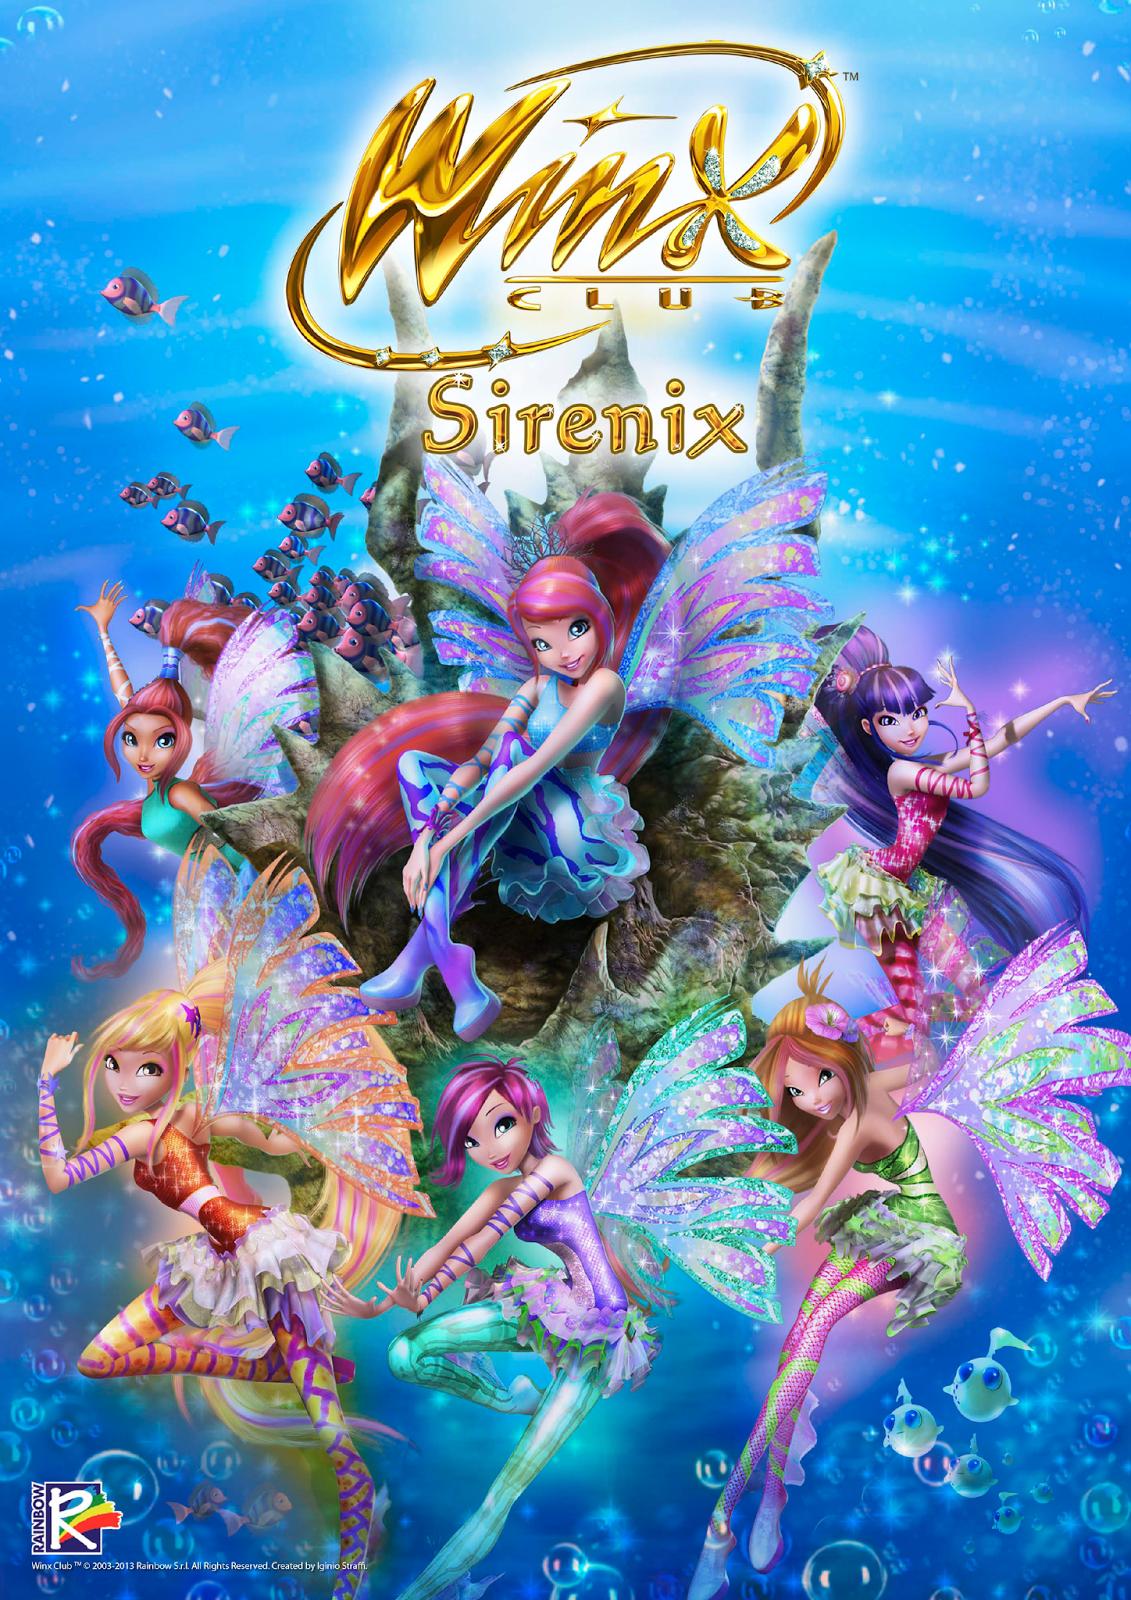 ¡¡Sinopsis 3º película Winx Club: El Misterio del Abismo!!  Flyer-Winx-Sirenix_1_-1